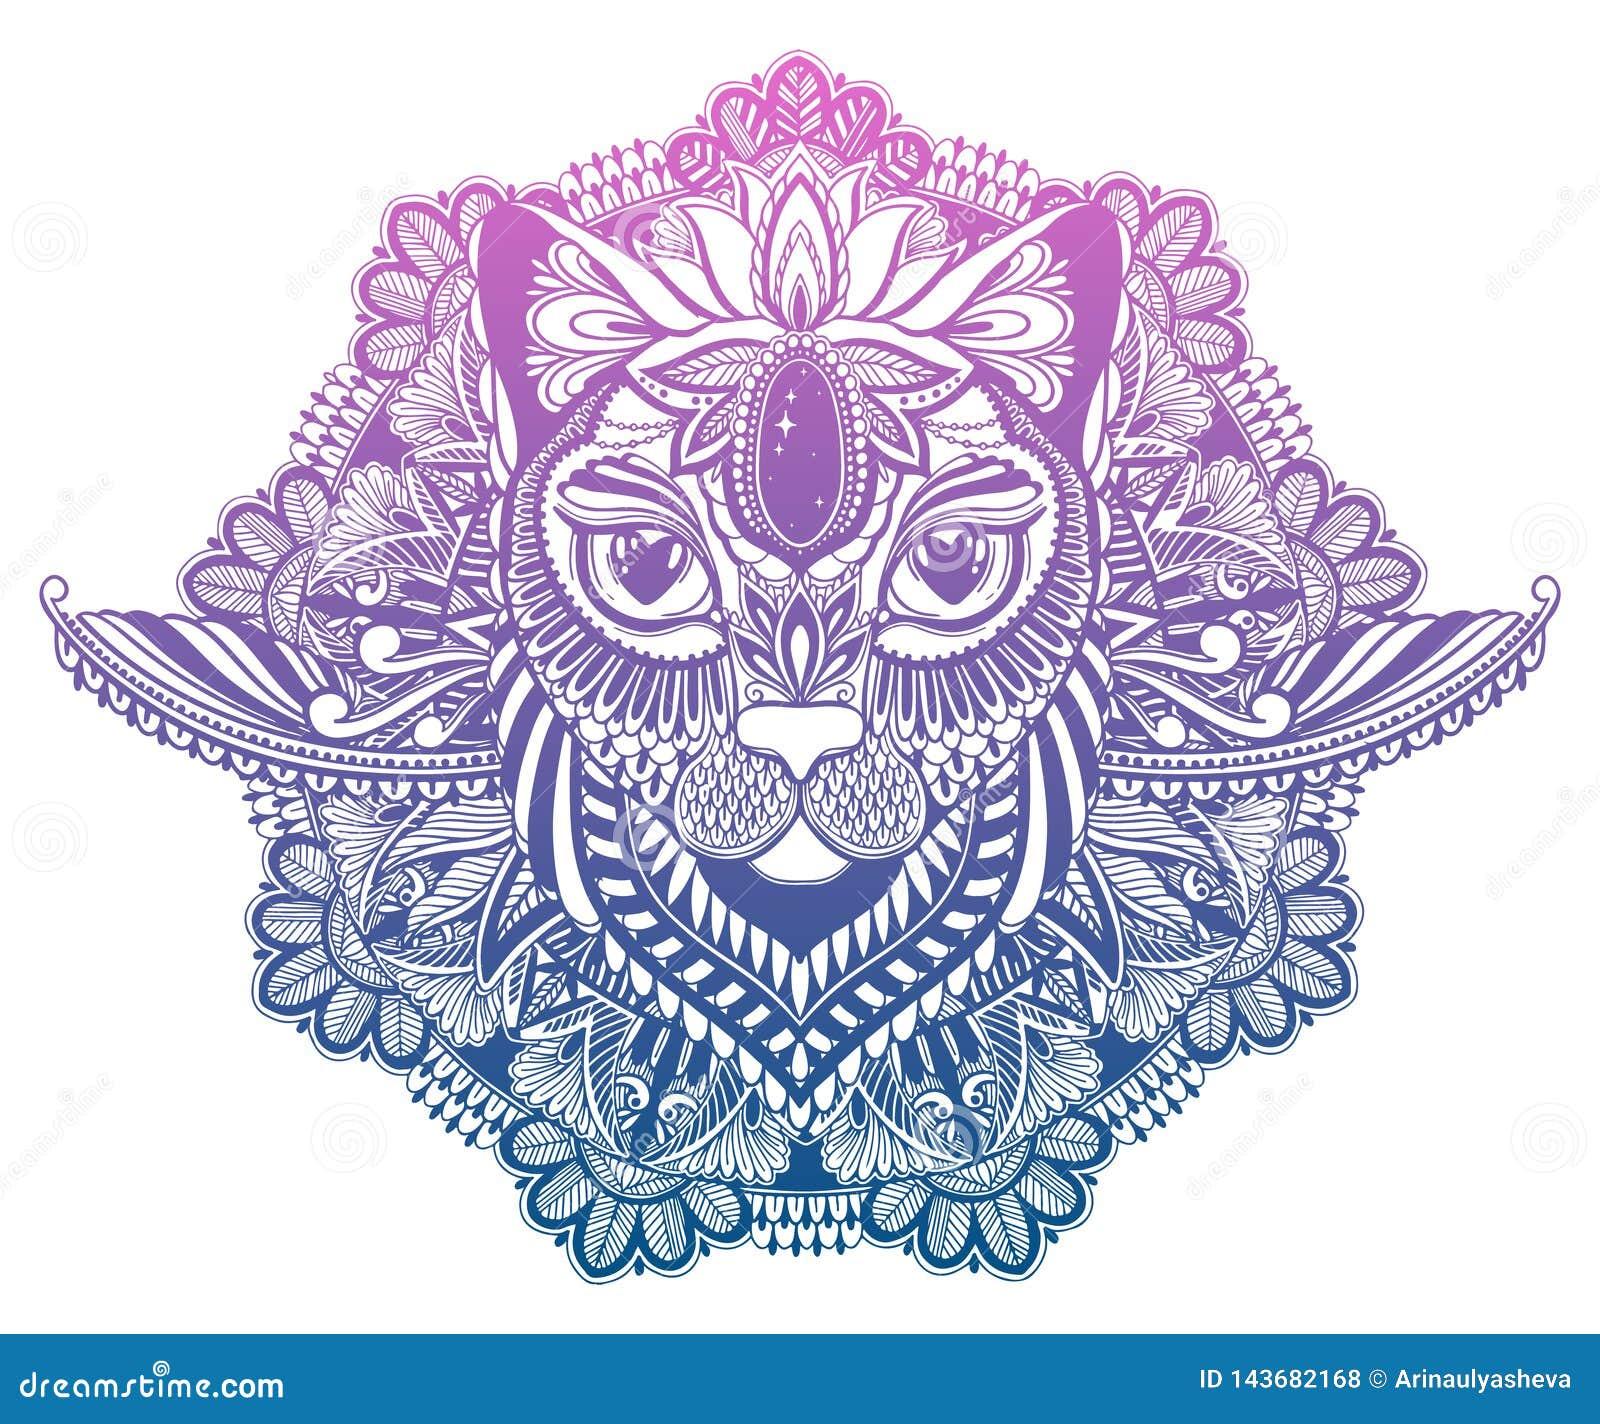 猫神秘主义者和坛场纹身花刺 梯度淡色在白色背景中 装饰图解图画